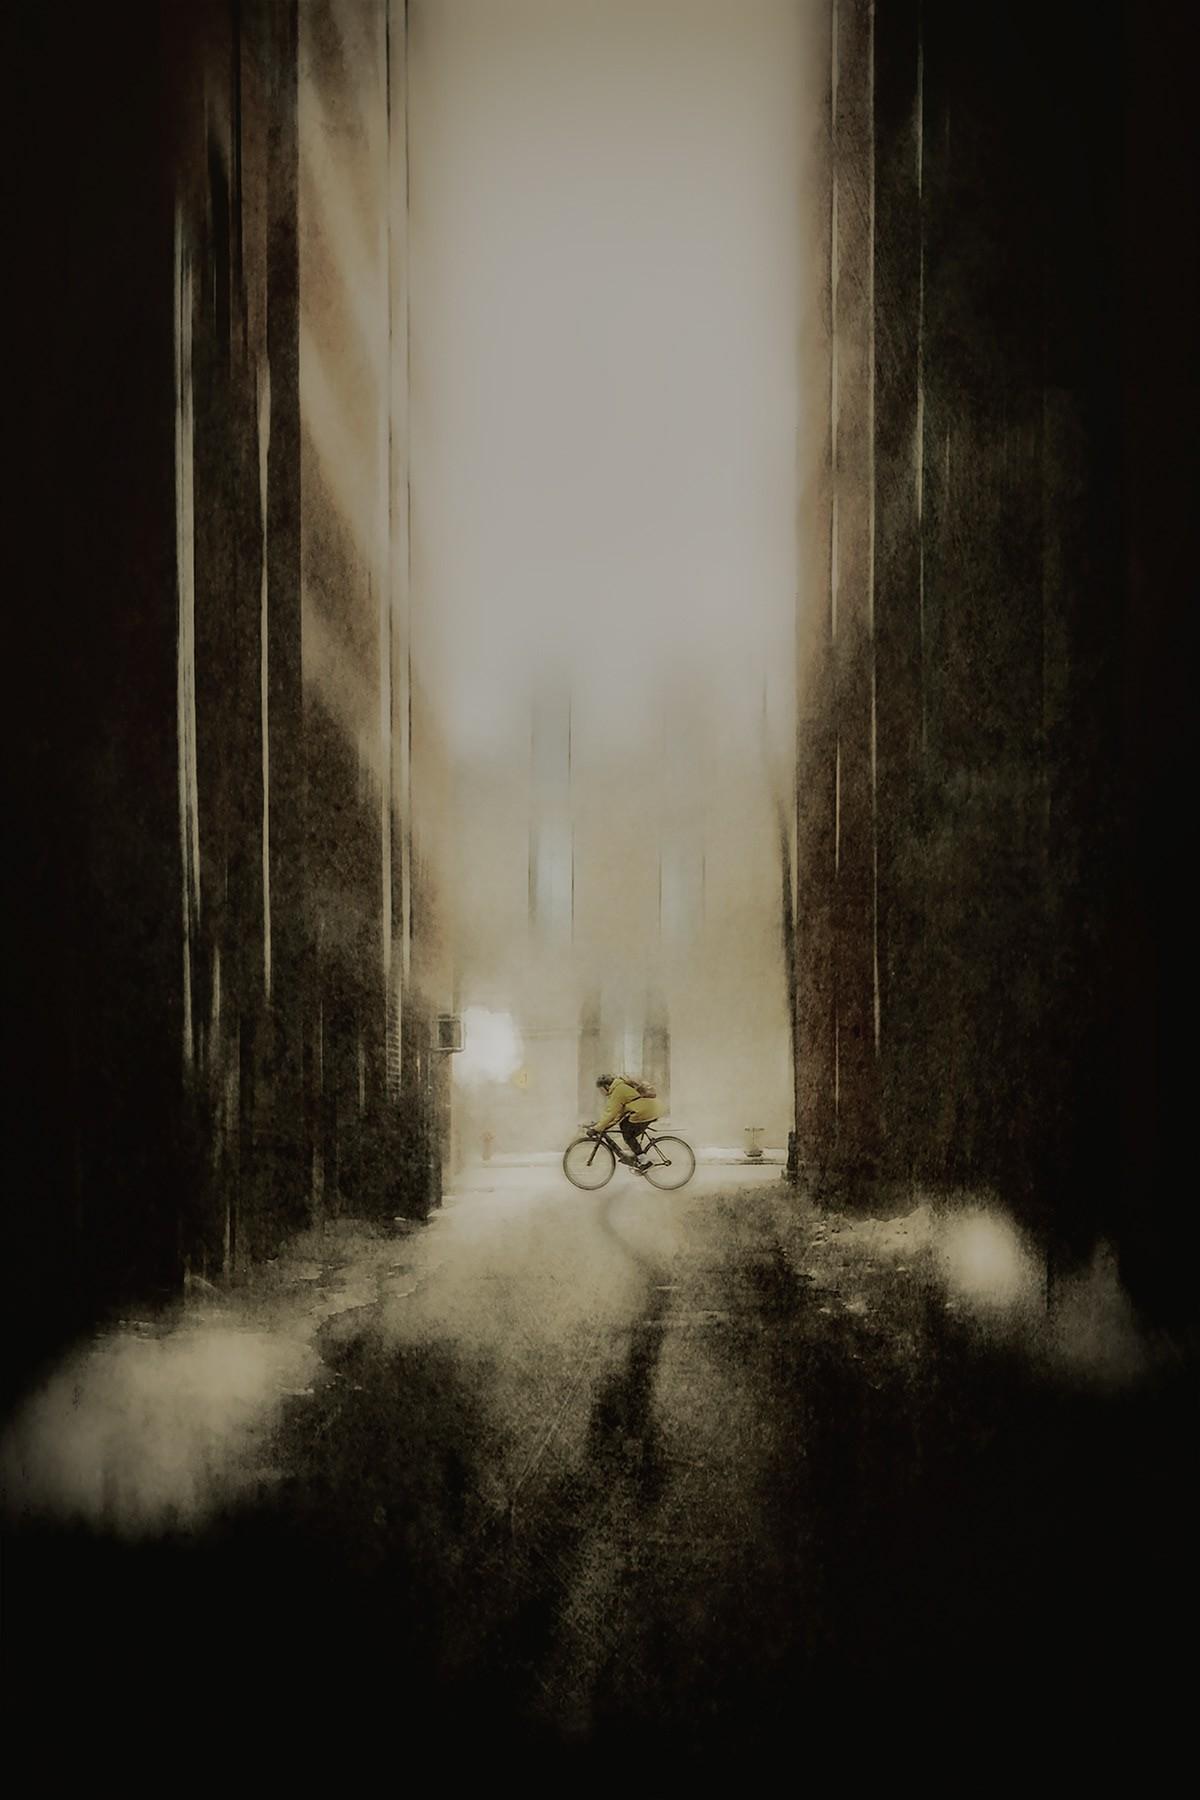 Задворки Монреаля. Автор Даниэль Кастонгуэй